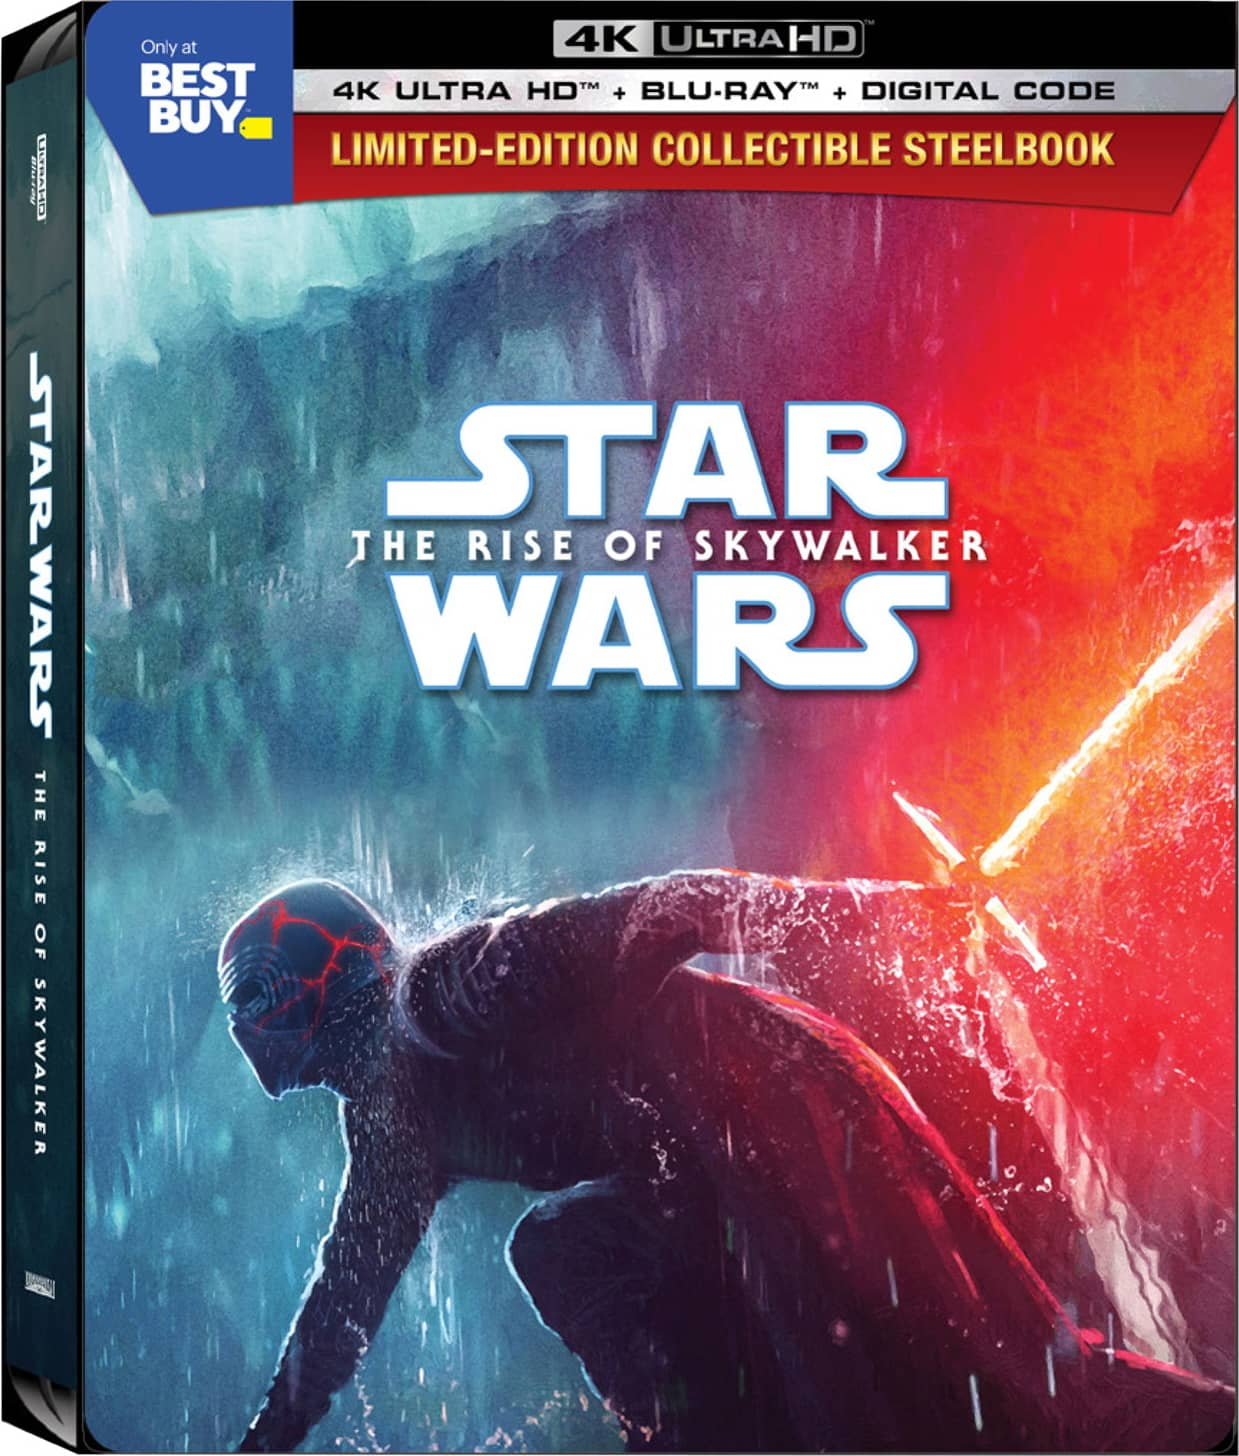 Star Wars The Rise Of Skywalker Steelbook